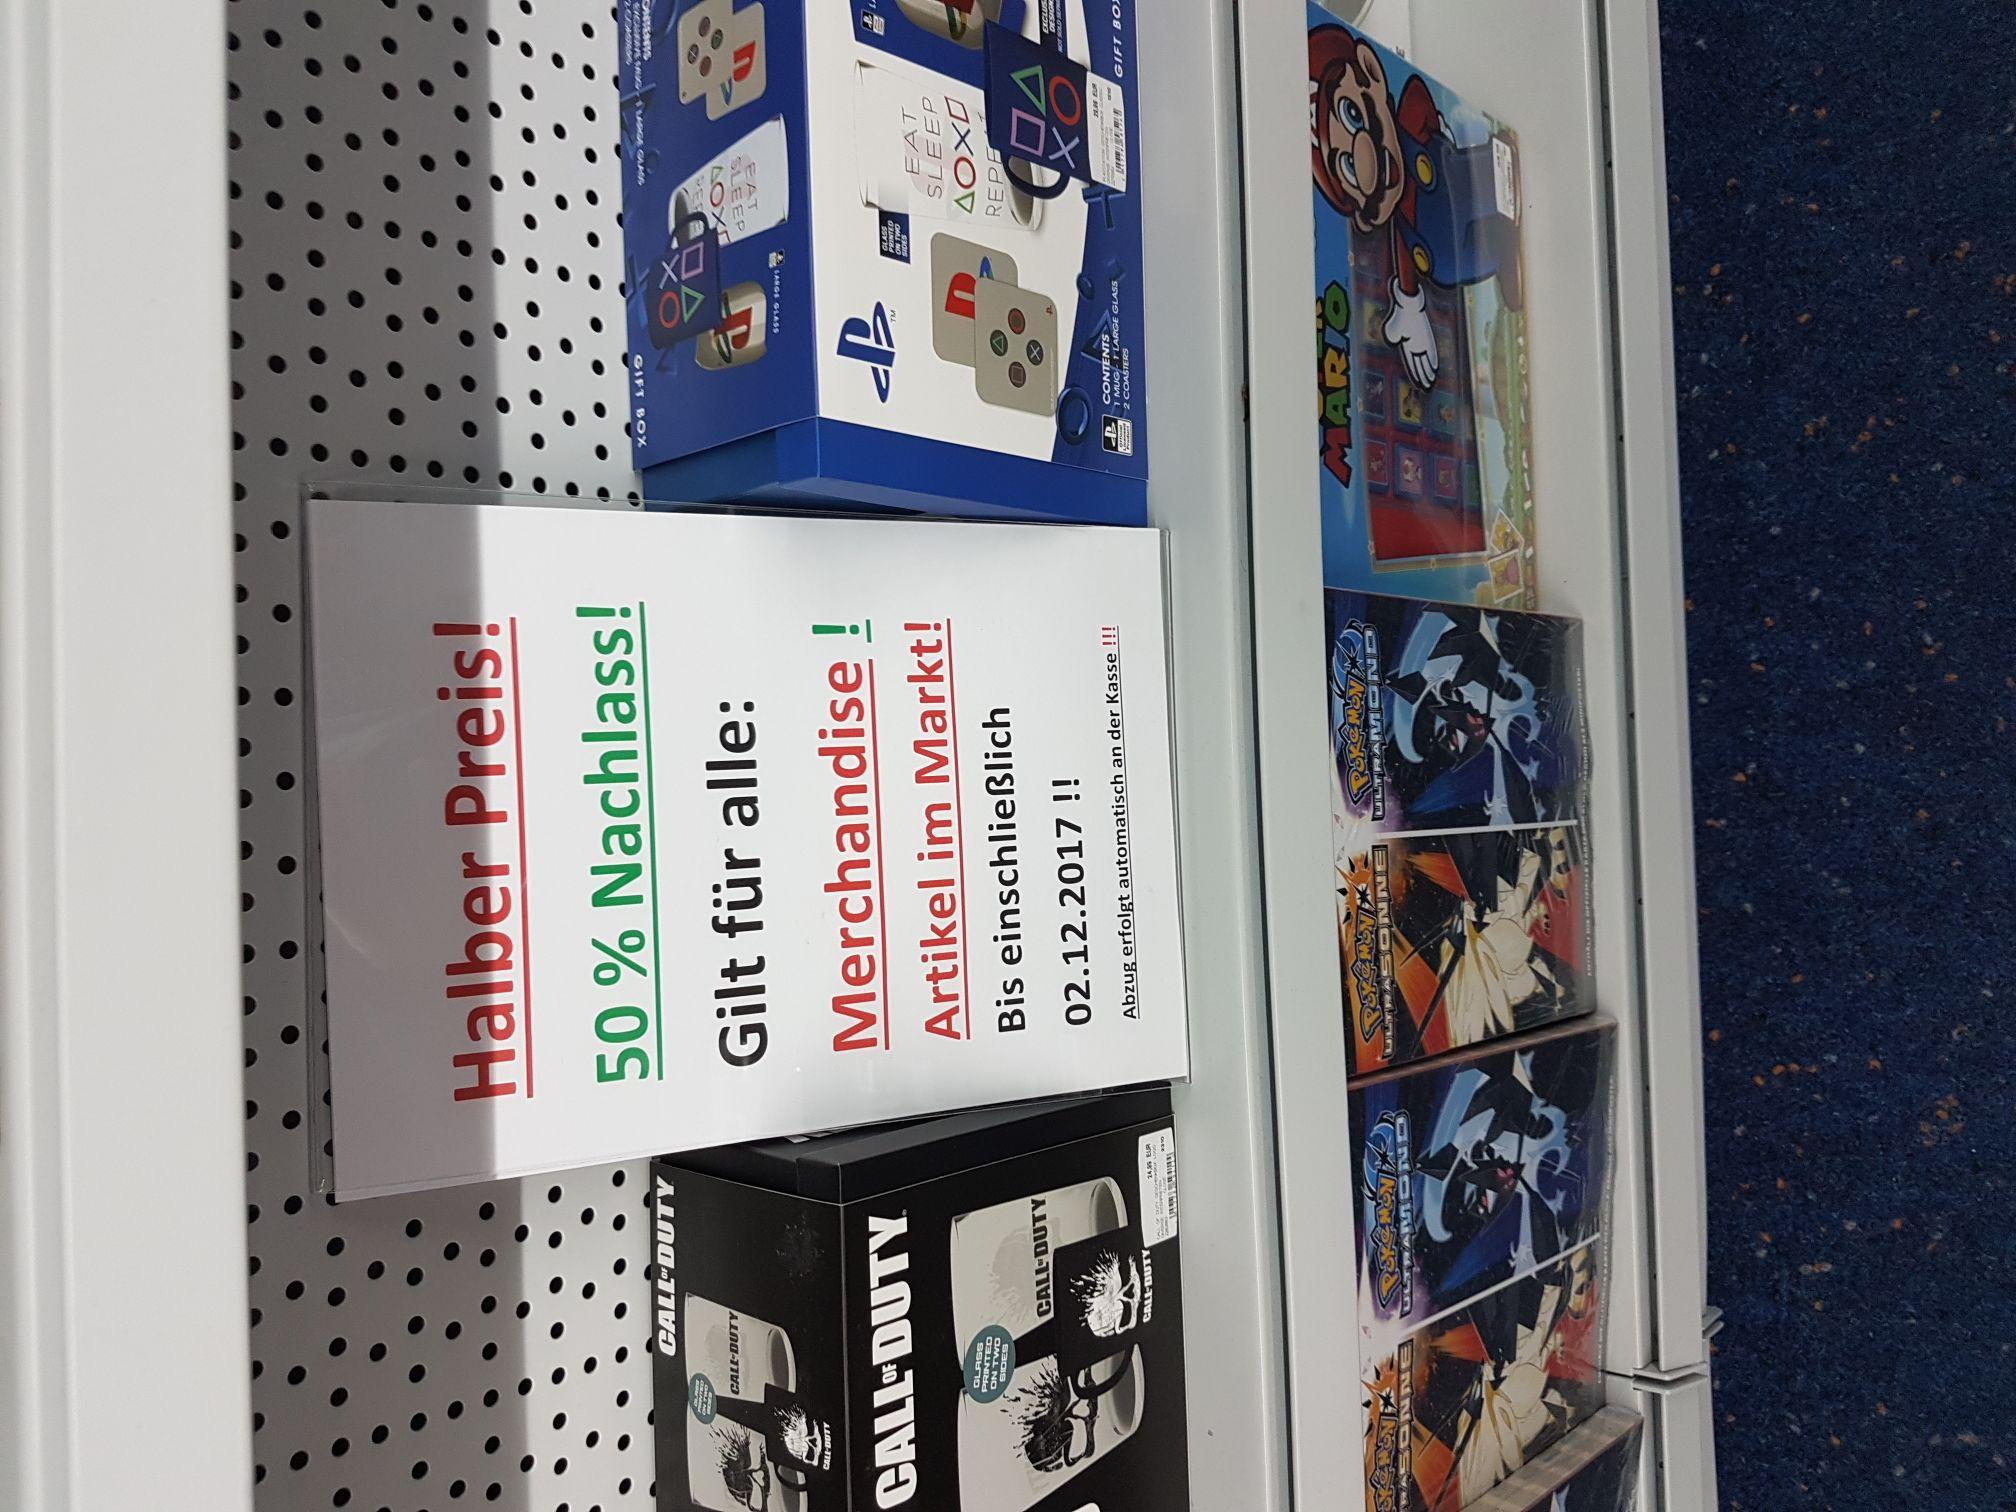 Lokal München Saturn Riem Arkaden 50% auf alle Merchandise und 10% auf alle Nintendo Artikel bis 02.12.